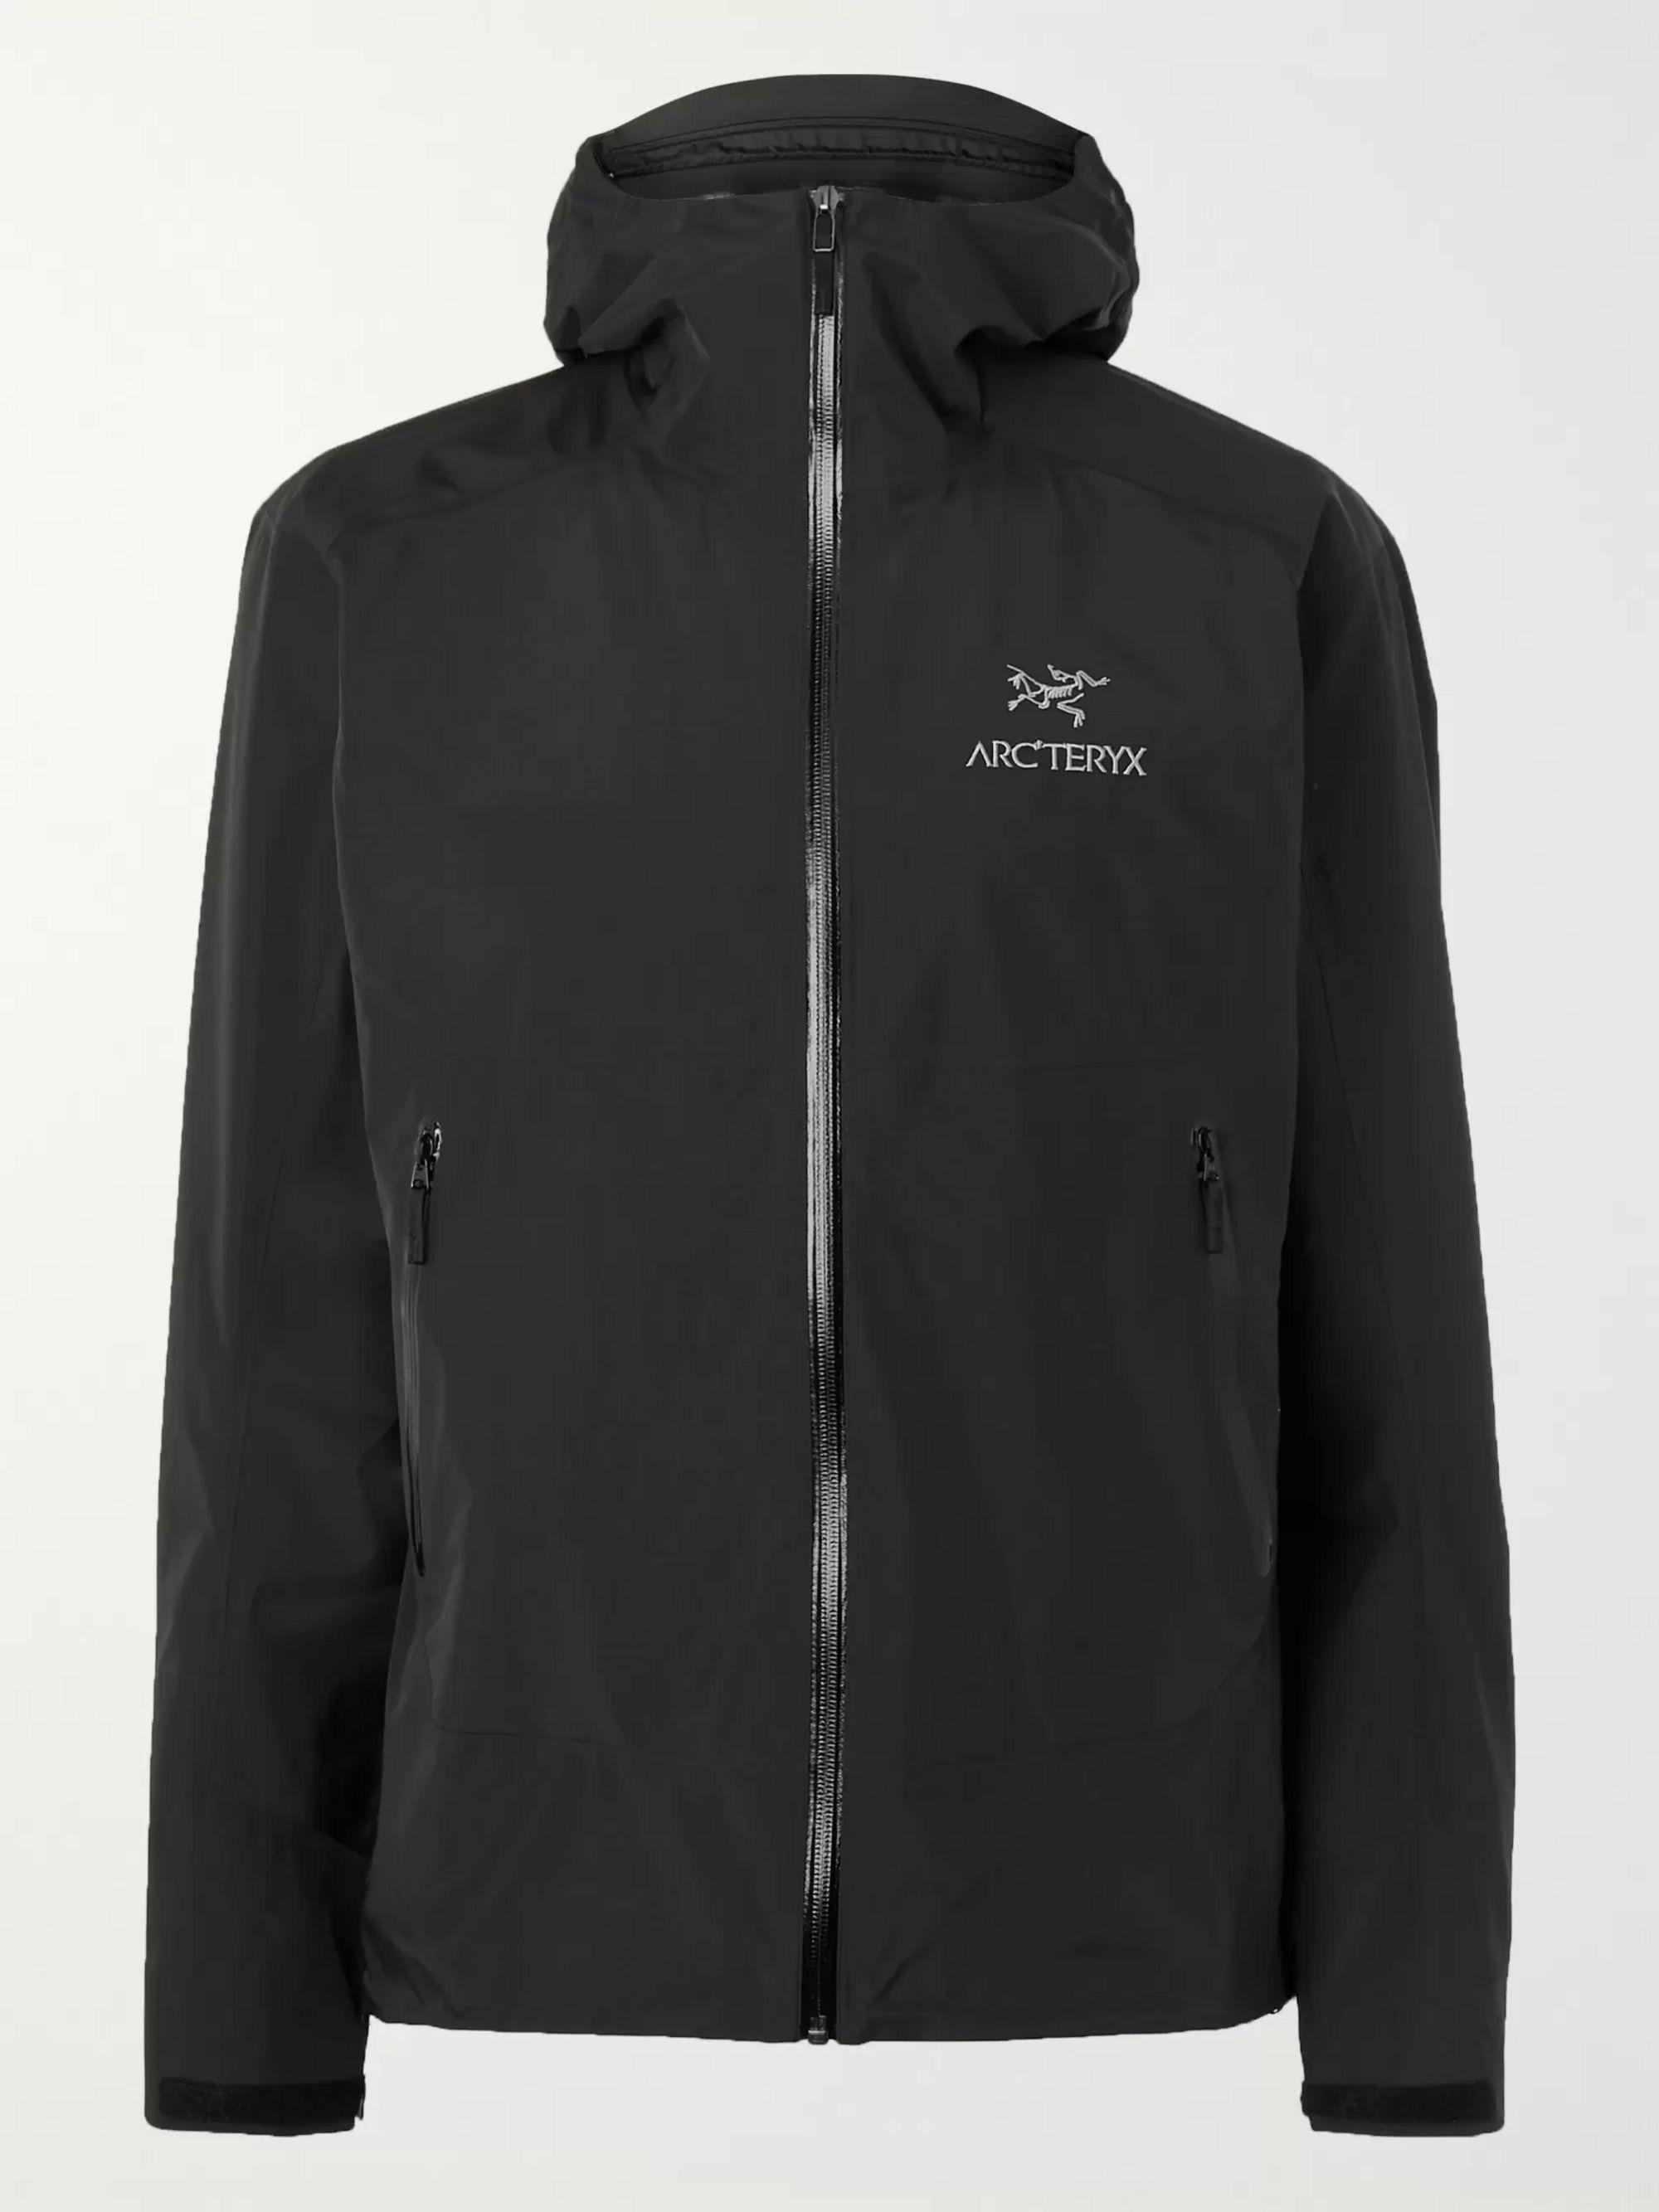 arcteryx jacket black